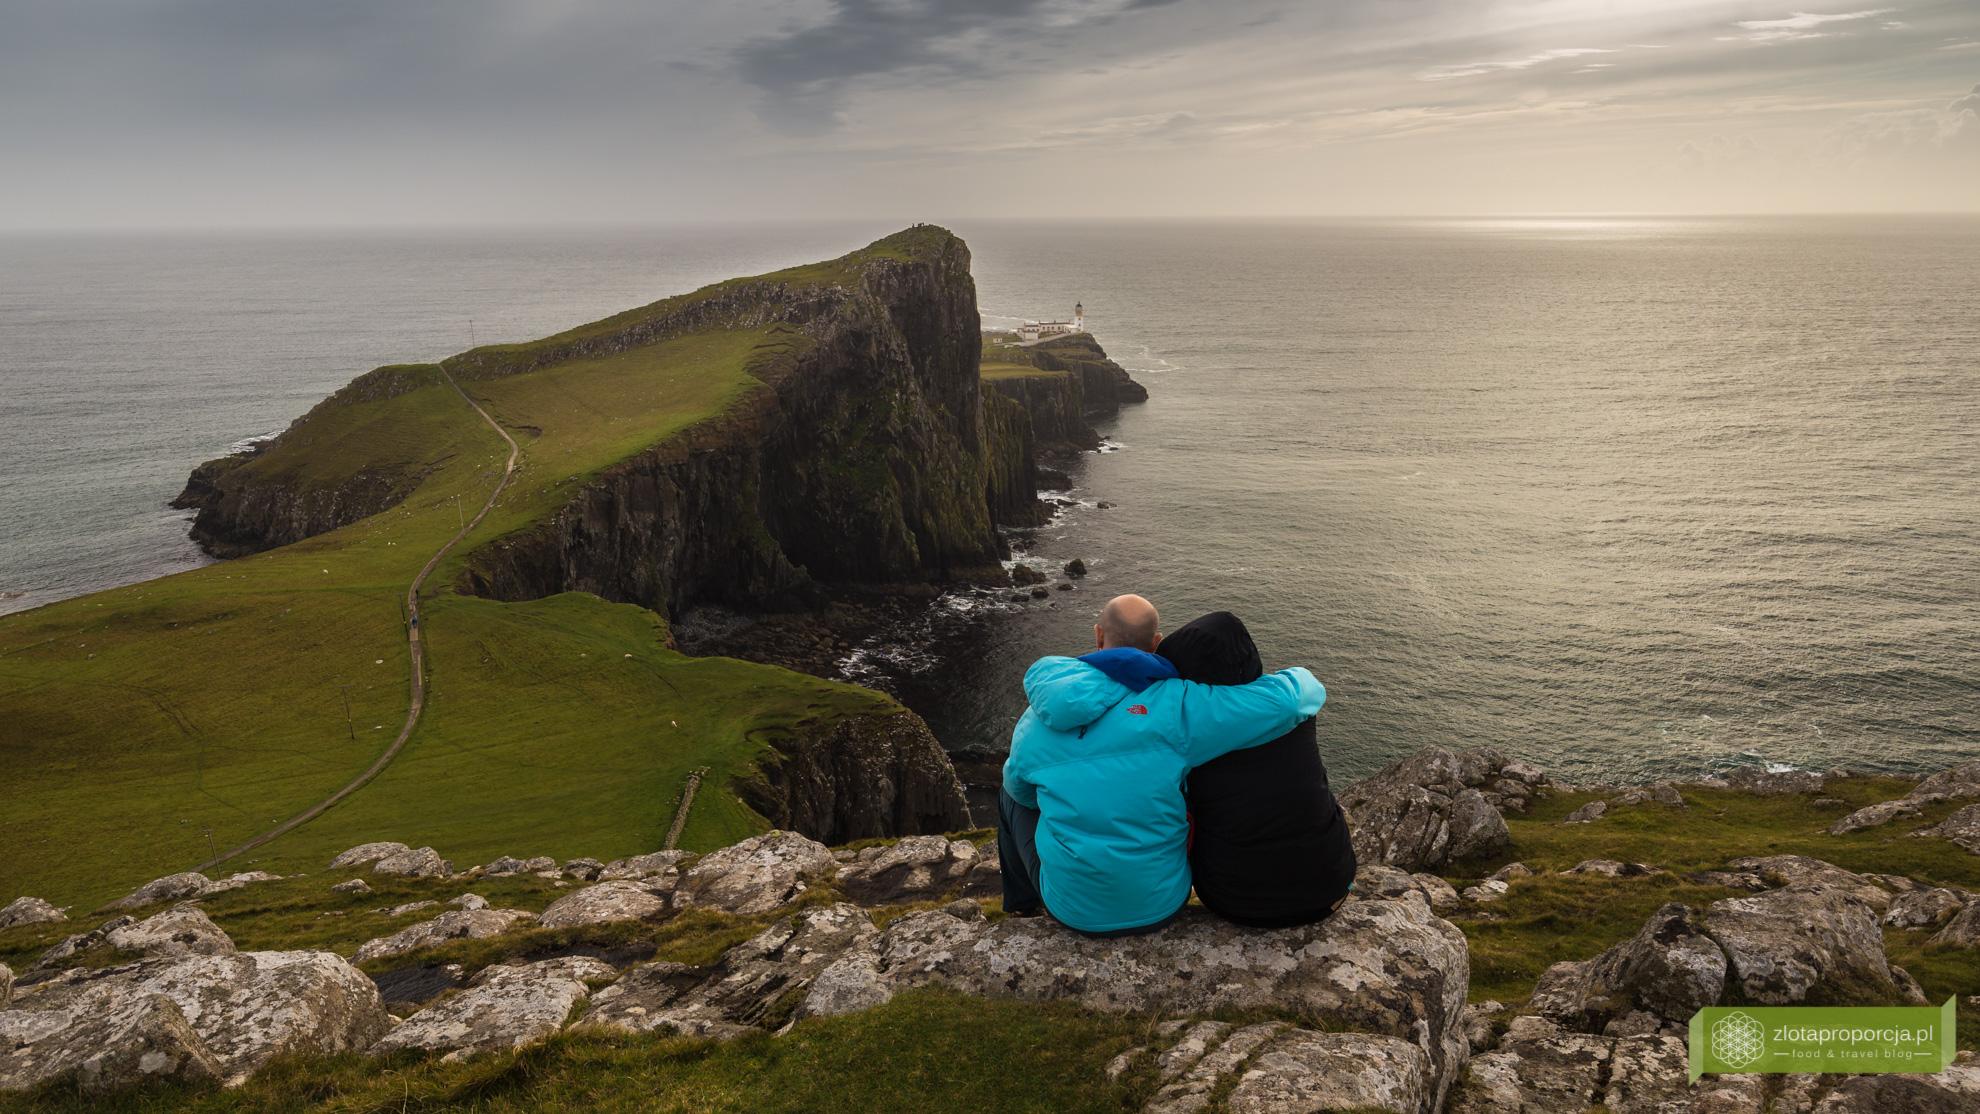 Neist Point, klify w Szkocji, Isle of Skye, Wyspa Skye, atrakcje Szkocji, atrakcje Wyspy Skye